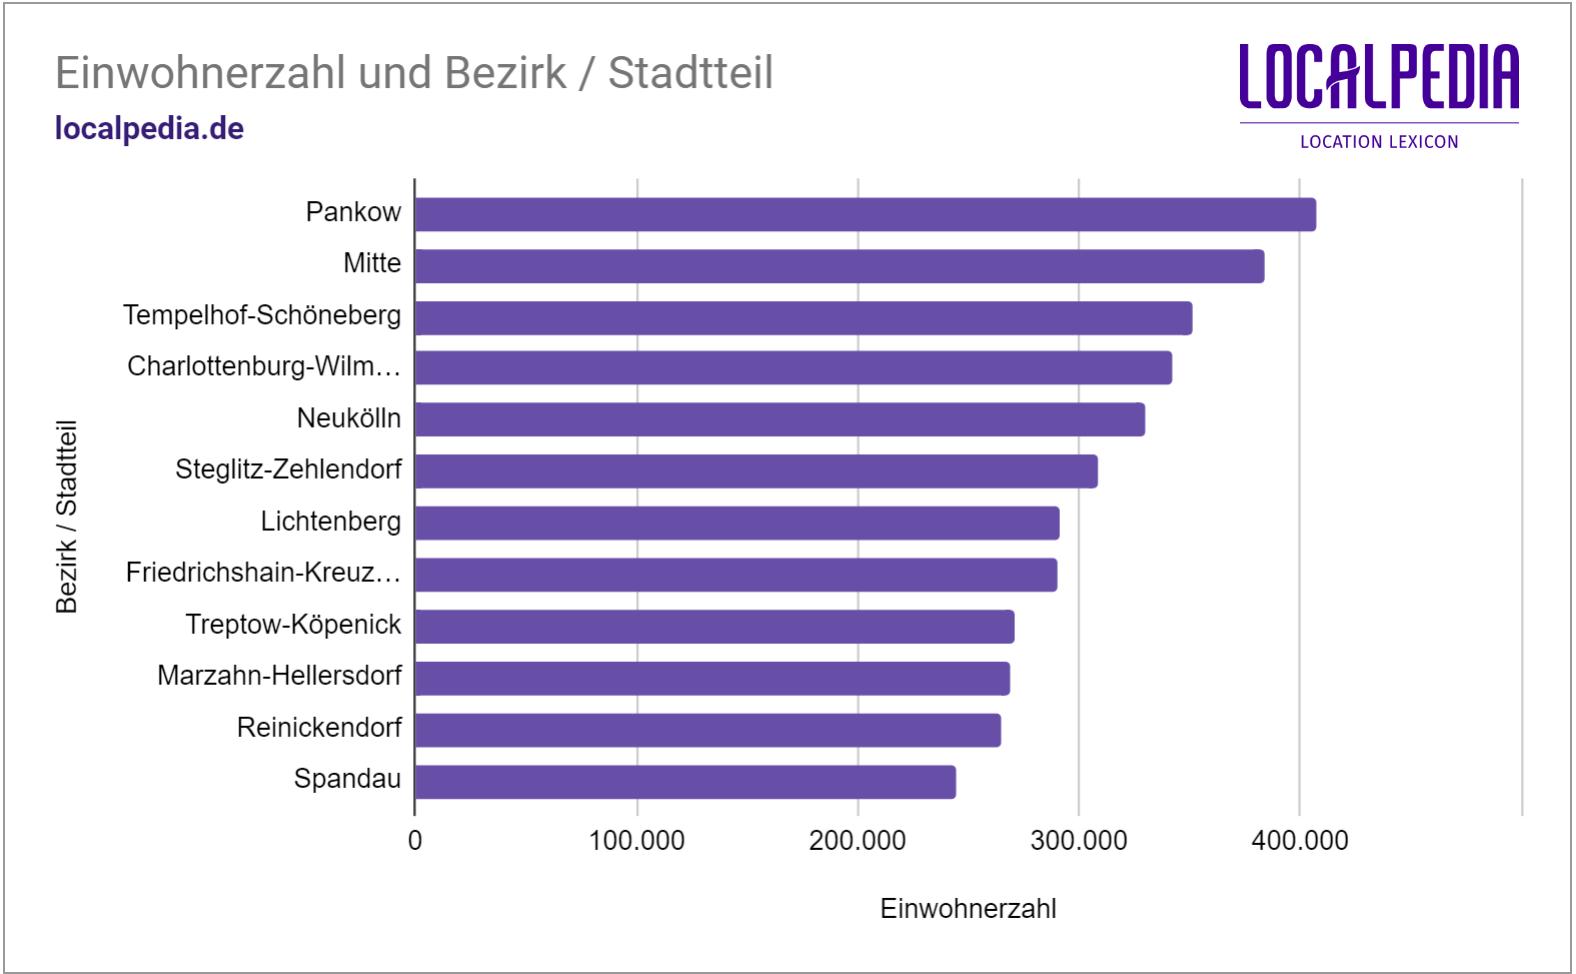 Einwohnerzahlen der Stadtteile in Berlin